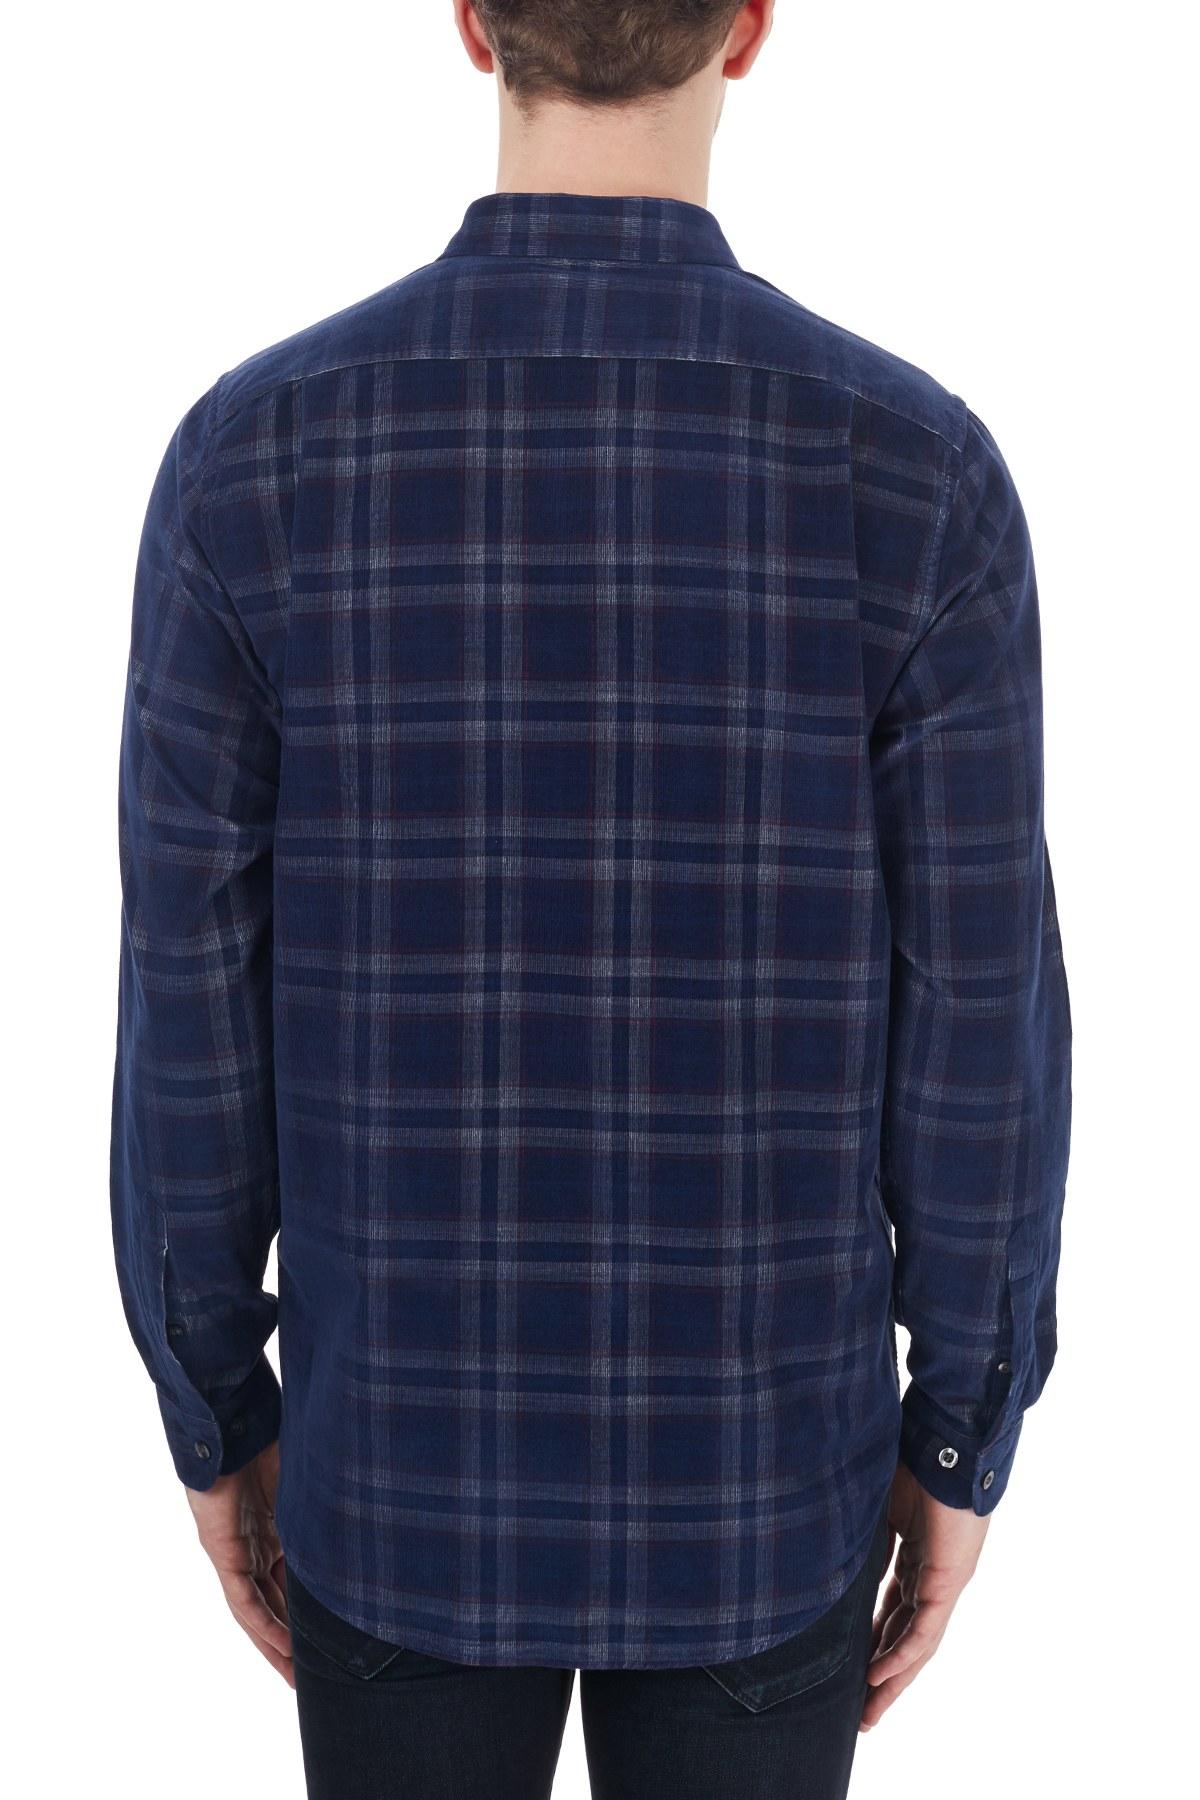 Lacoste Regular Fit Ekose Desenli Düğmeli Yaka % 1 Erkek Gömlek CH2113 13L LACİVERT